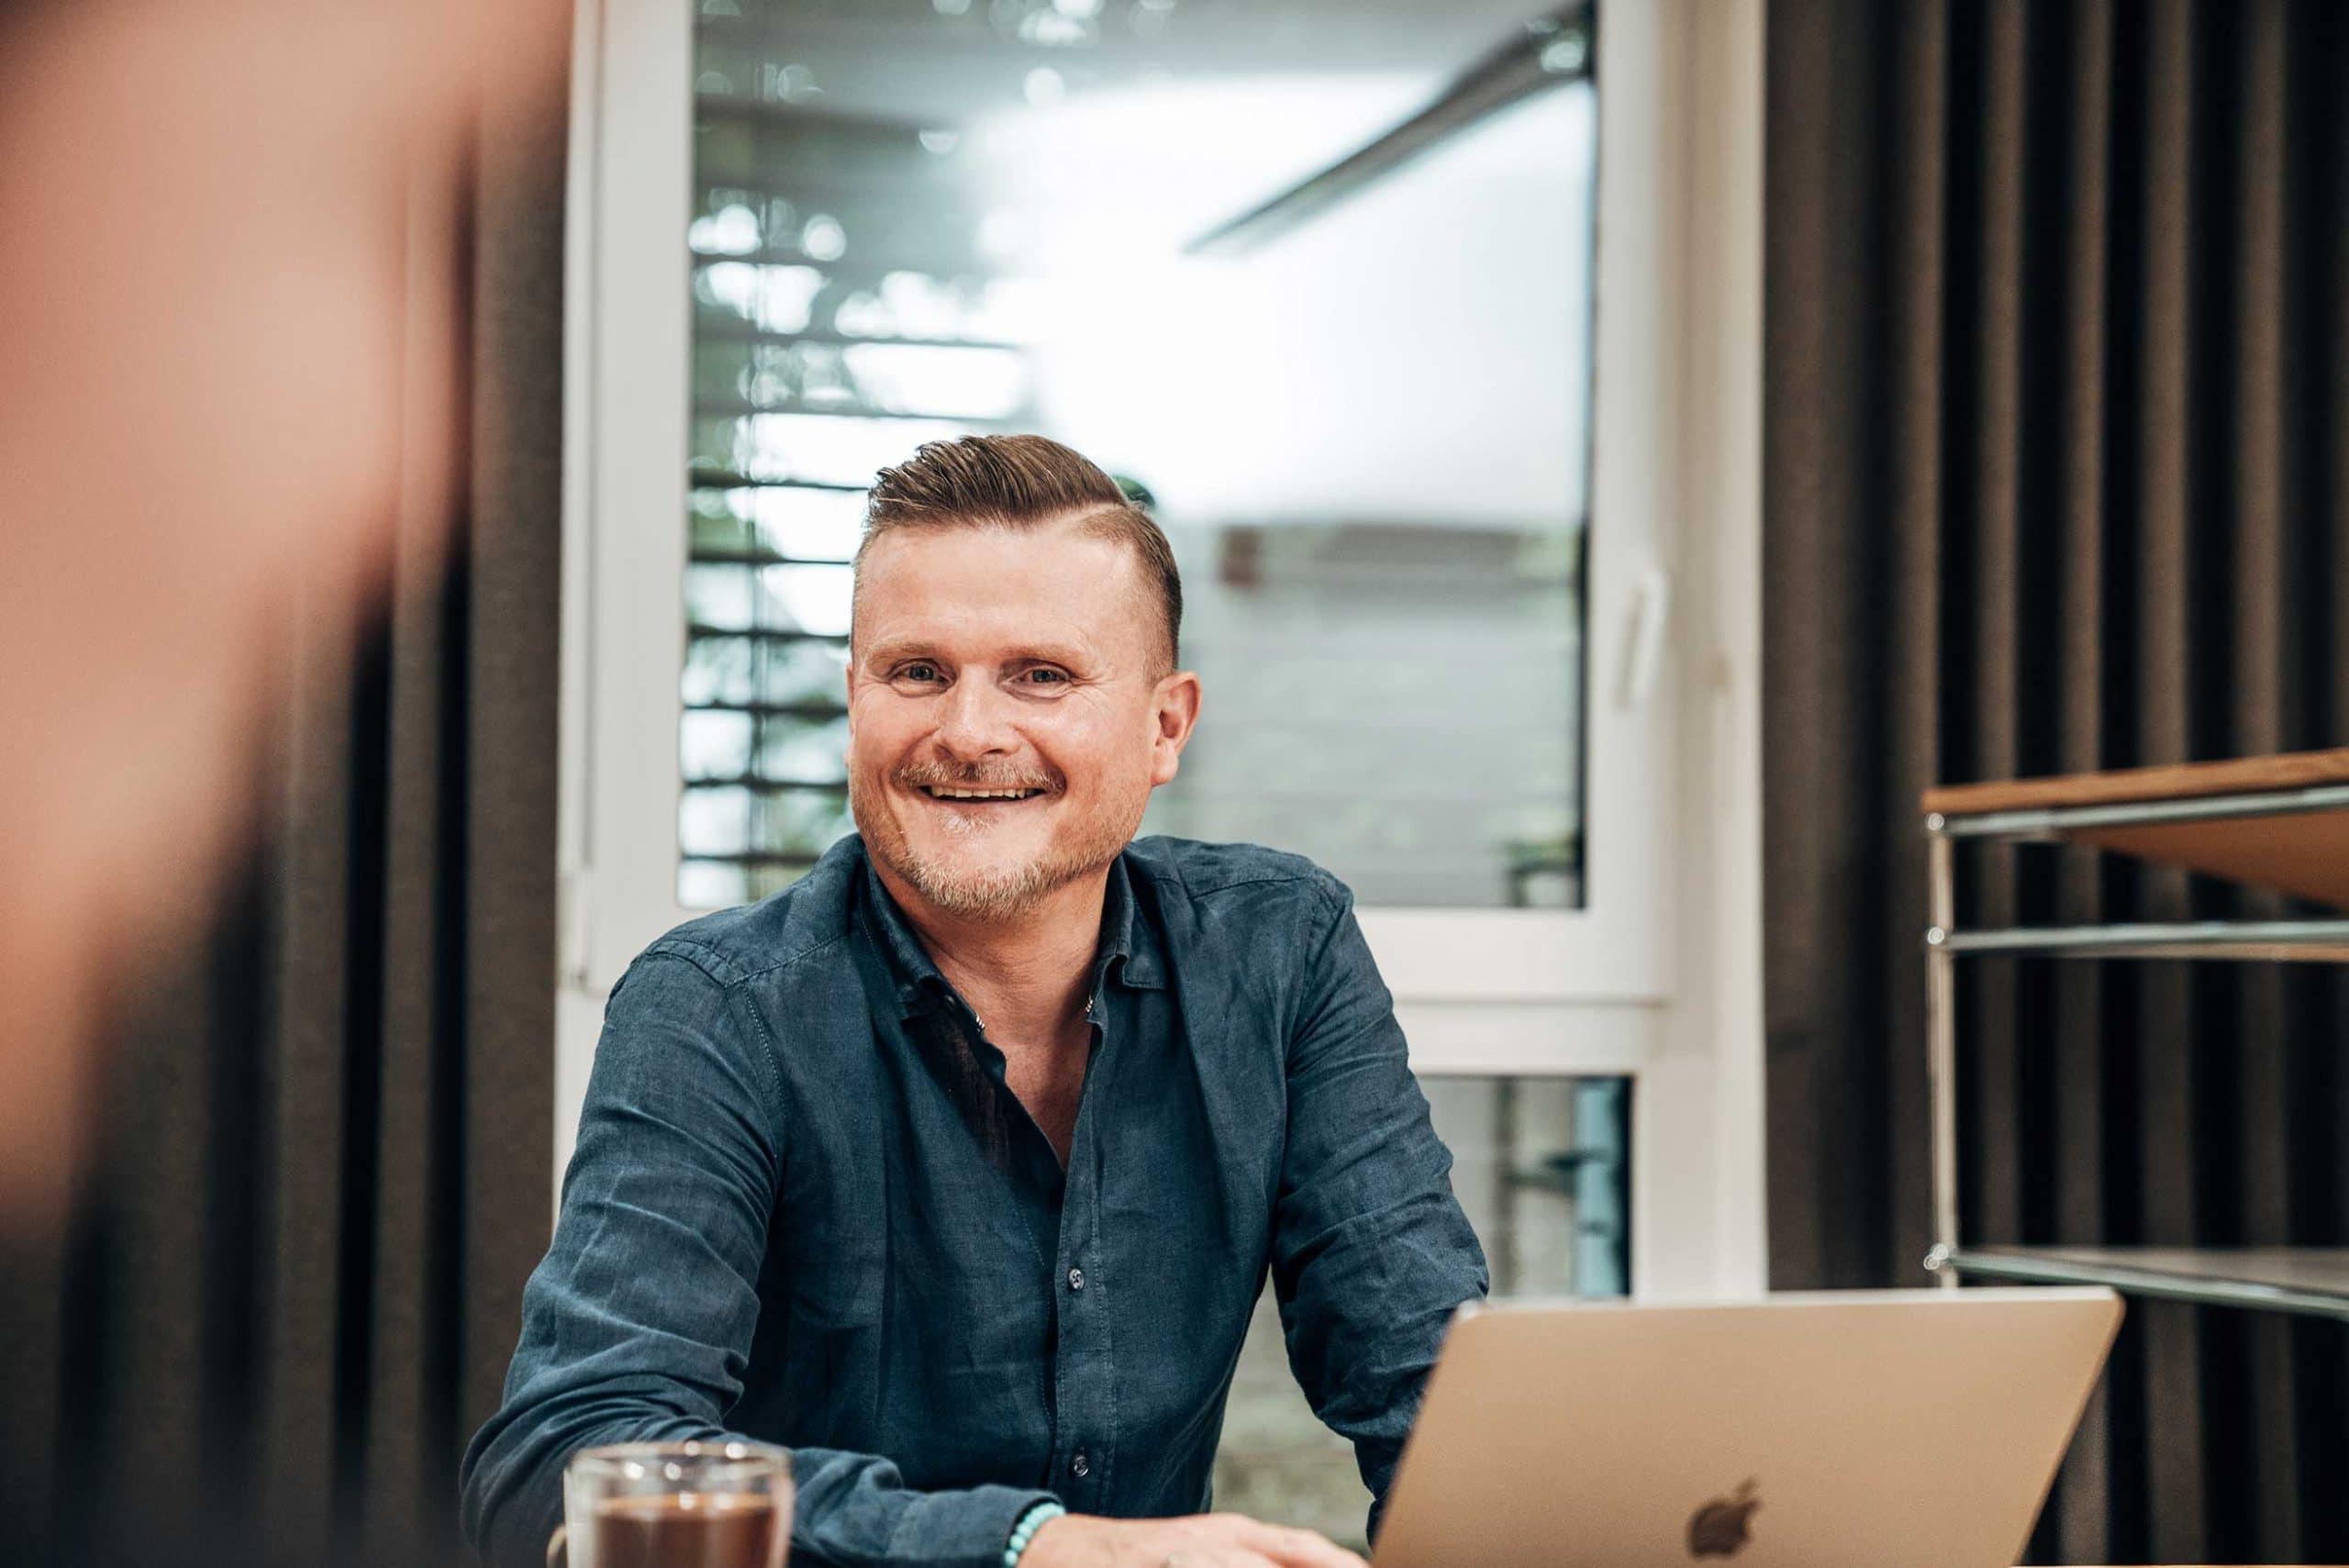 Bjoern Michael Walz, Geschäftsführer der Markenagentur Lighthouse